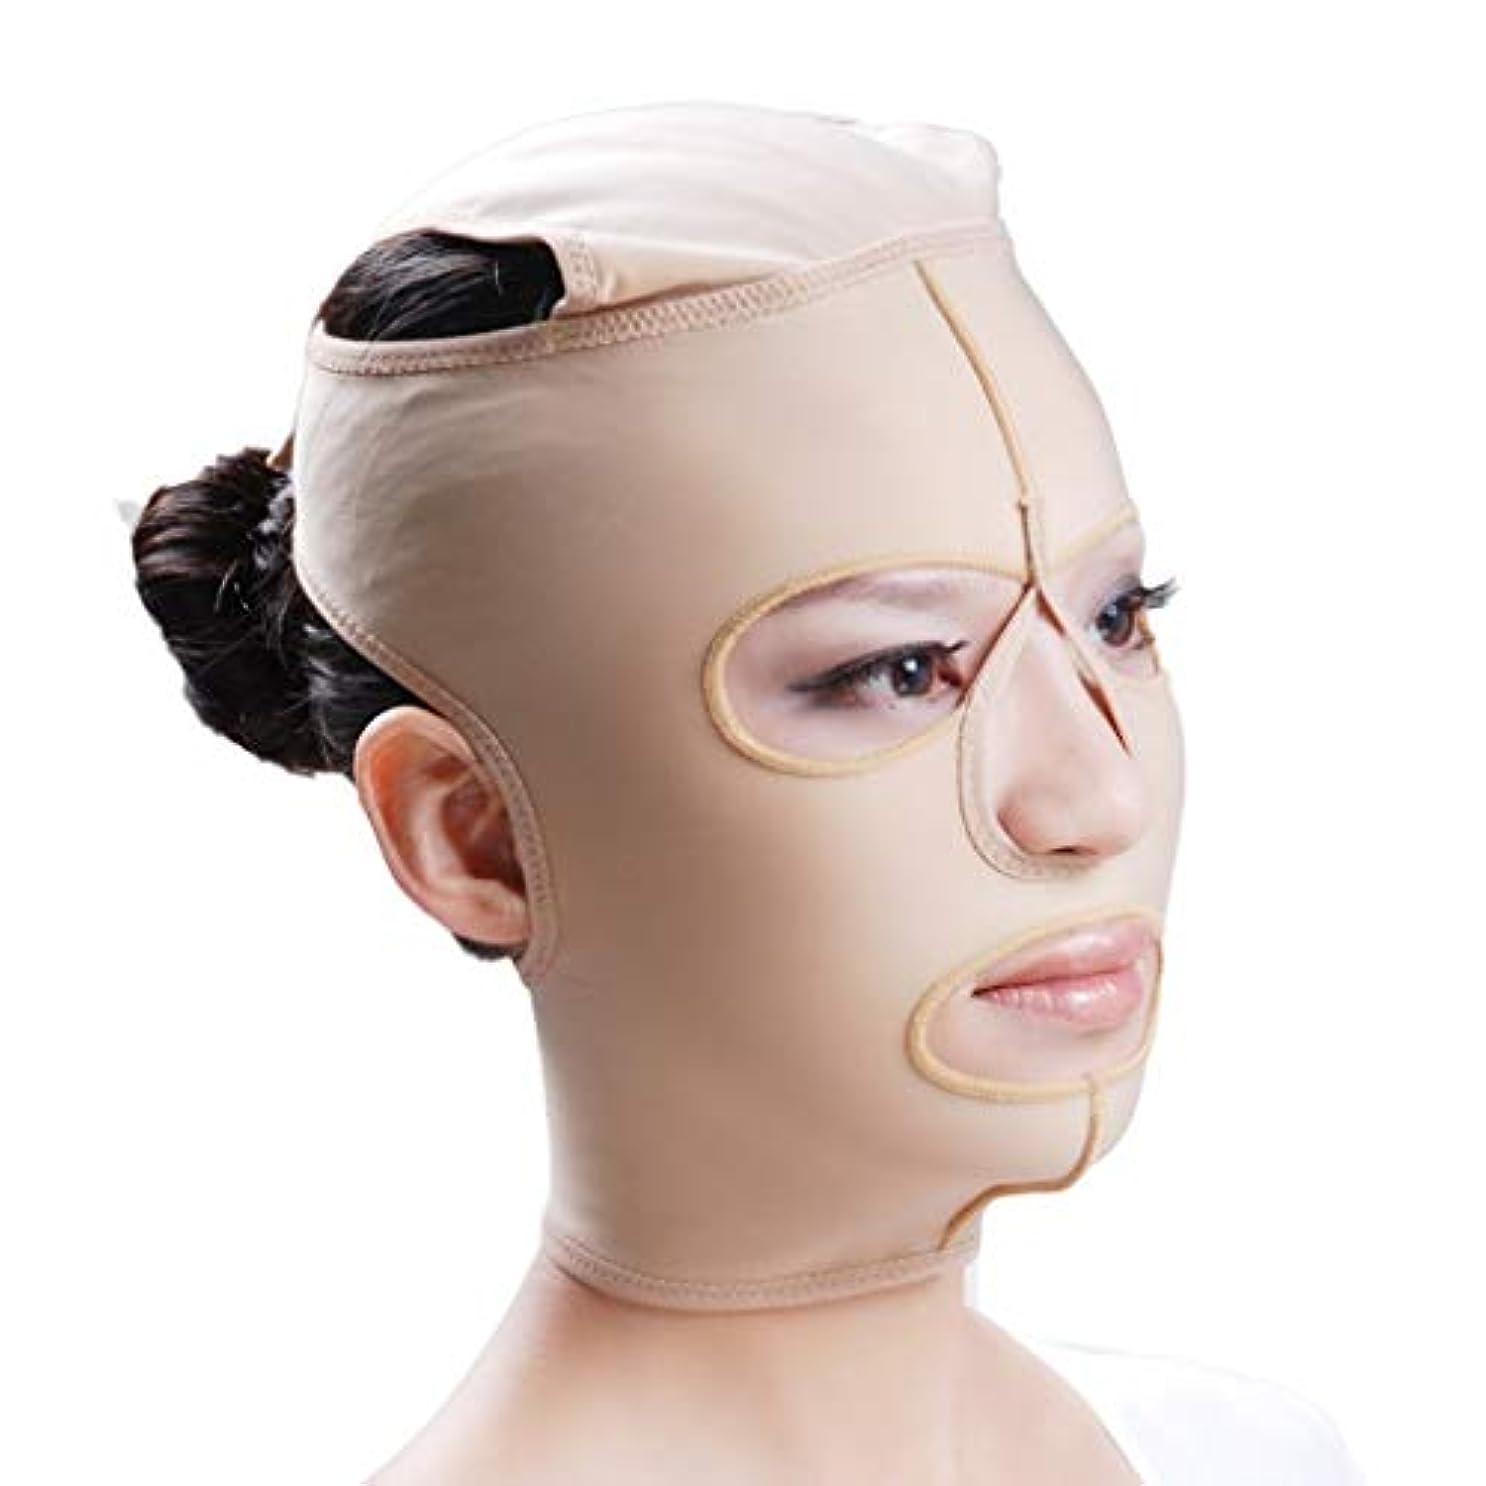 かりて広範囲シェトランド諸島フェイスリフトマスク、フルフェイスマスク後の顔の脂肪吸引医療グレードの圧力顔ダブルチンプラスチック脂肪吸引弾性包帯ヘッドギアマルチコードオプション (Size : S)